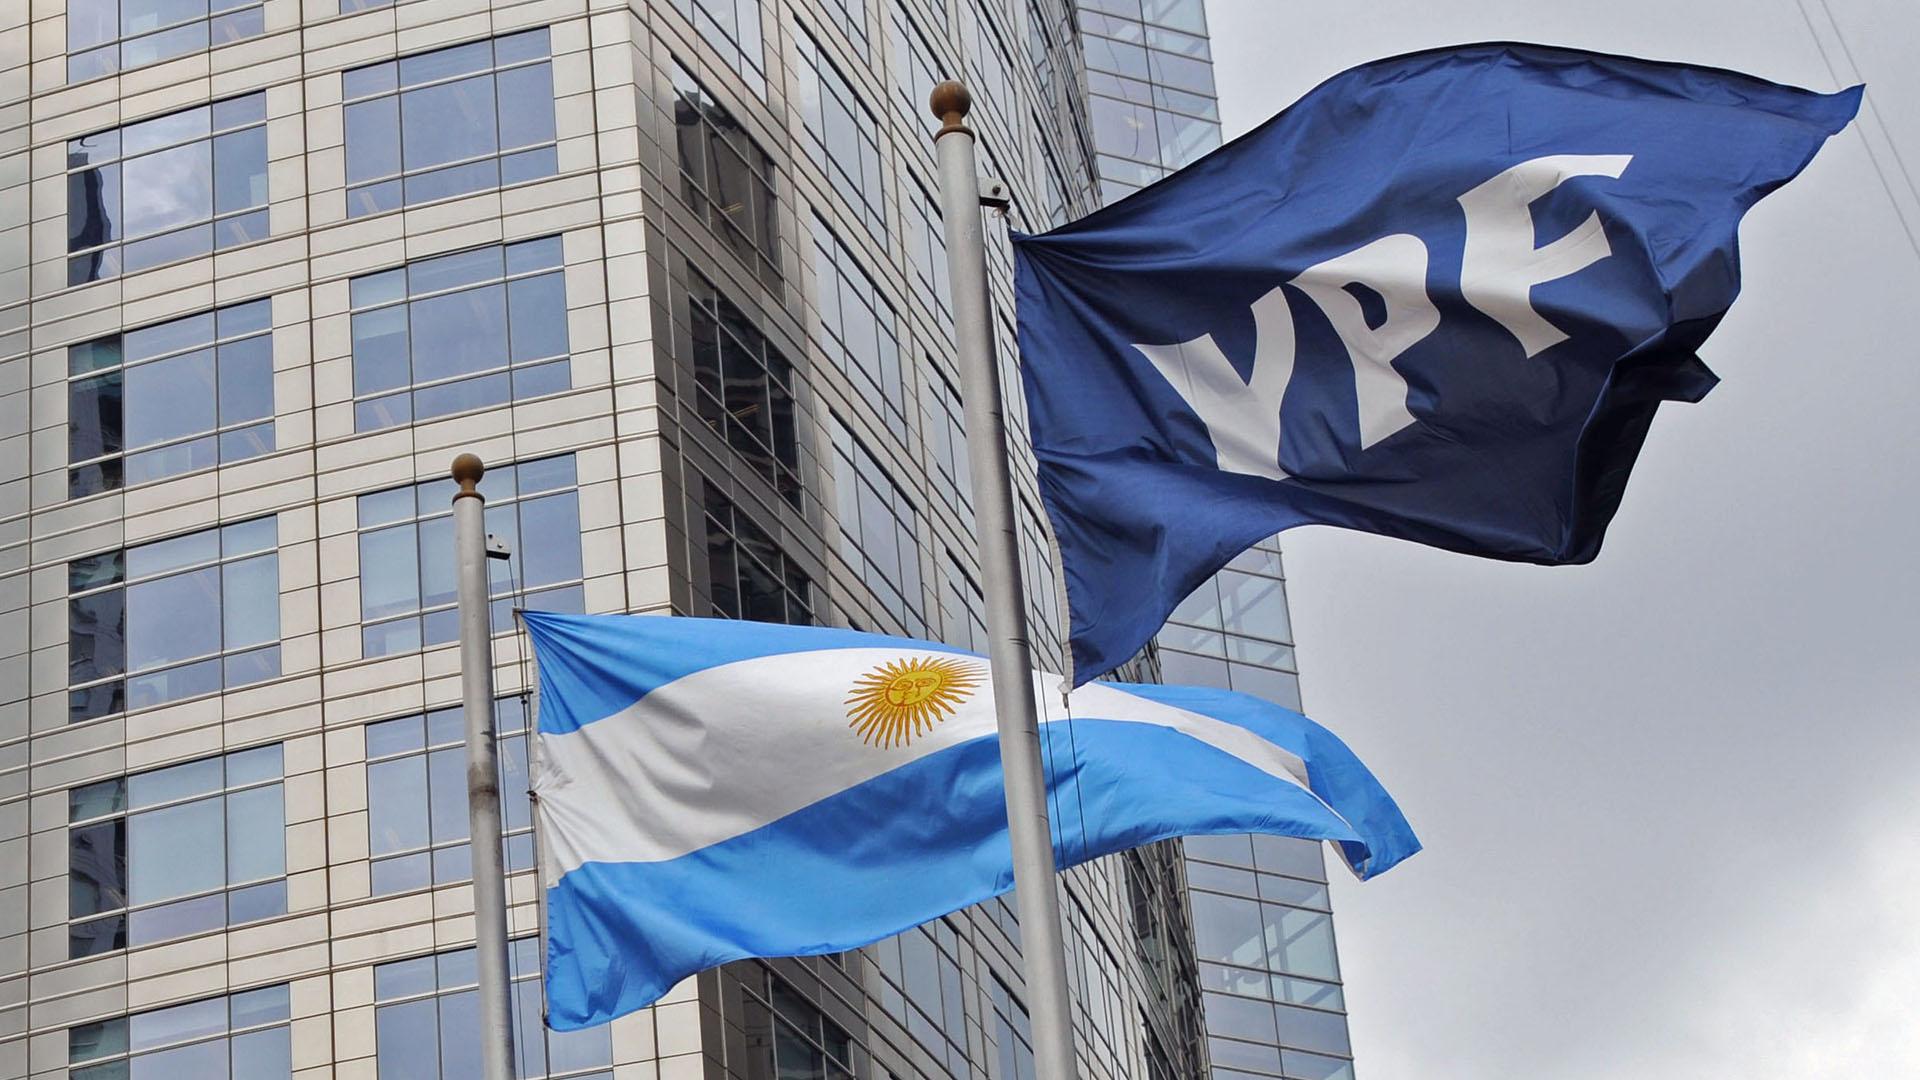 Las chances concretas de una definición favorable para el país del juicio por la expropiación de YPF se estiman muy bajas (NA)